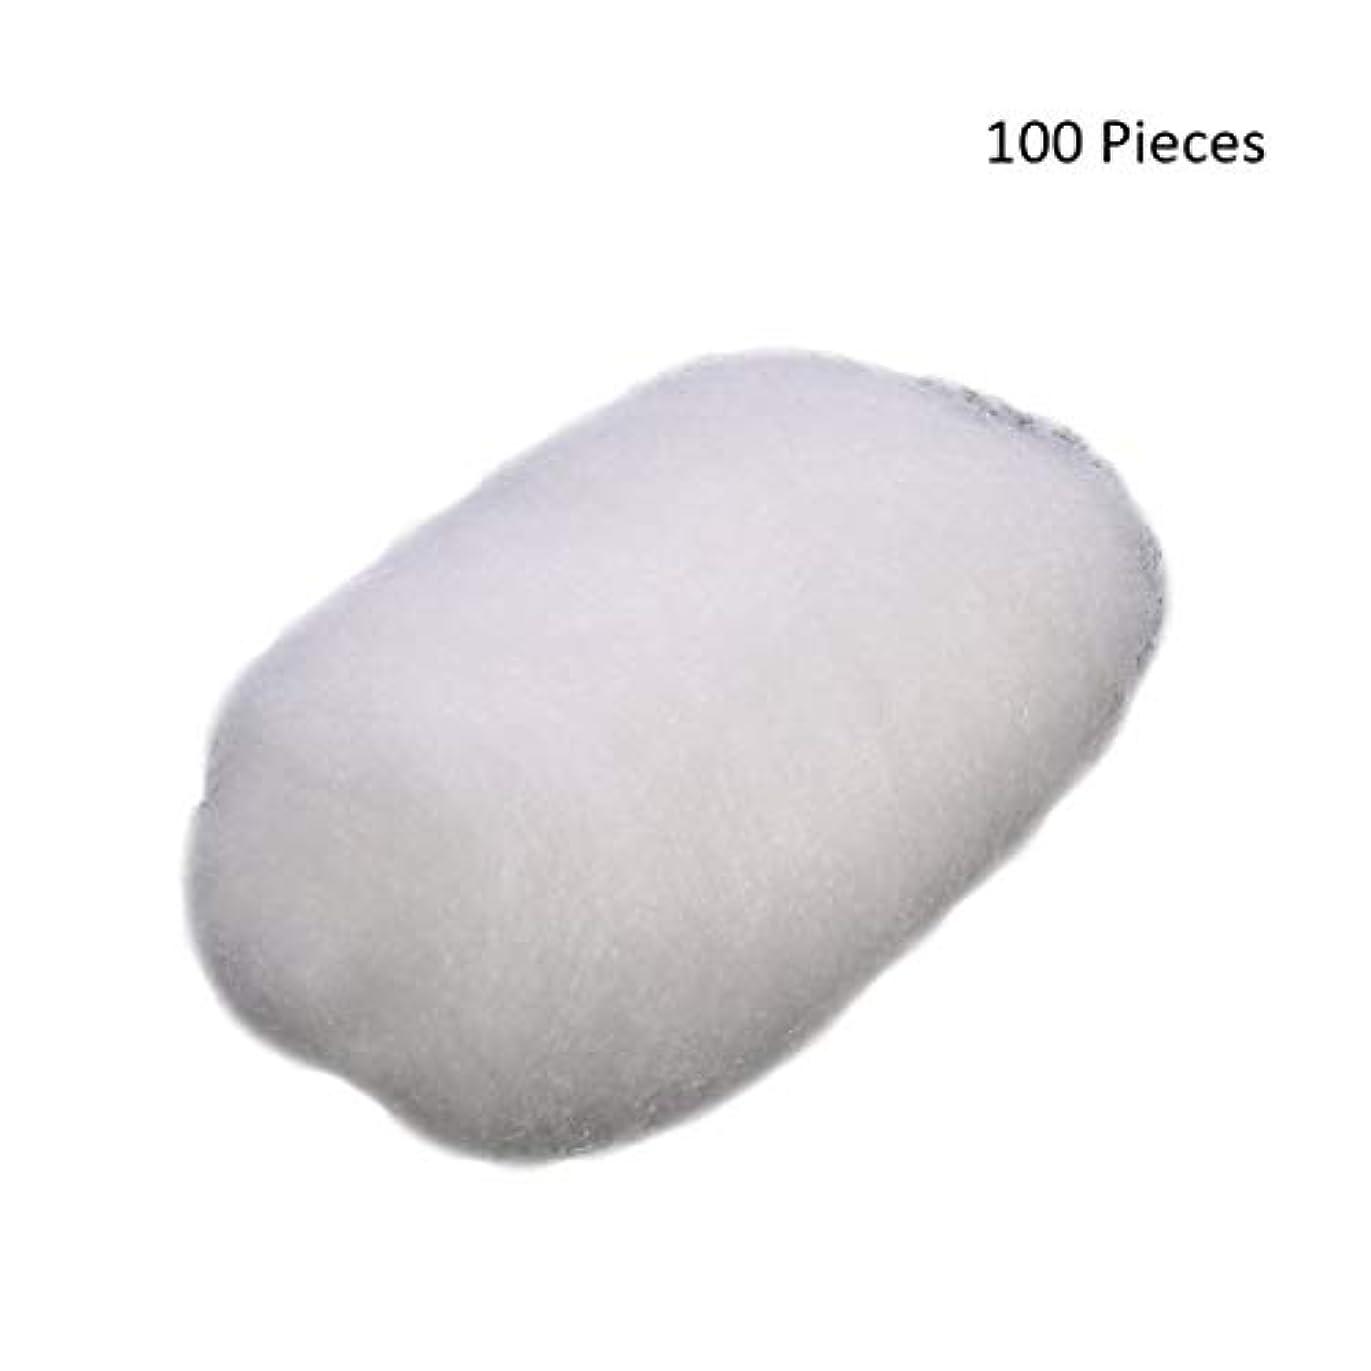 実験債権者ランドマーク100ピース/バッグフェイスメイクアップリムーバーコットンボールタトゥー消毒メイククレンジングローション化粧品除去コットンボール (Color : White)